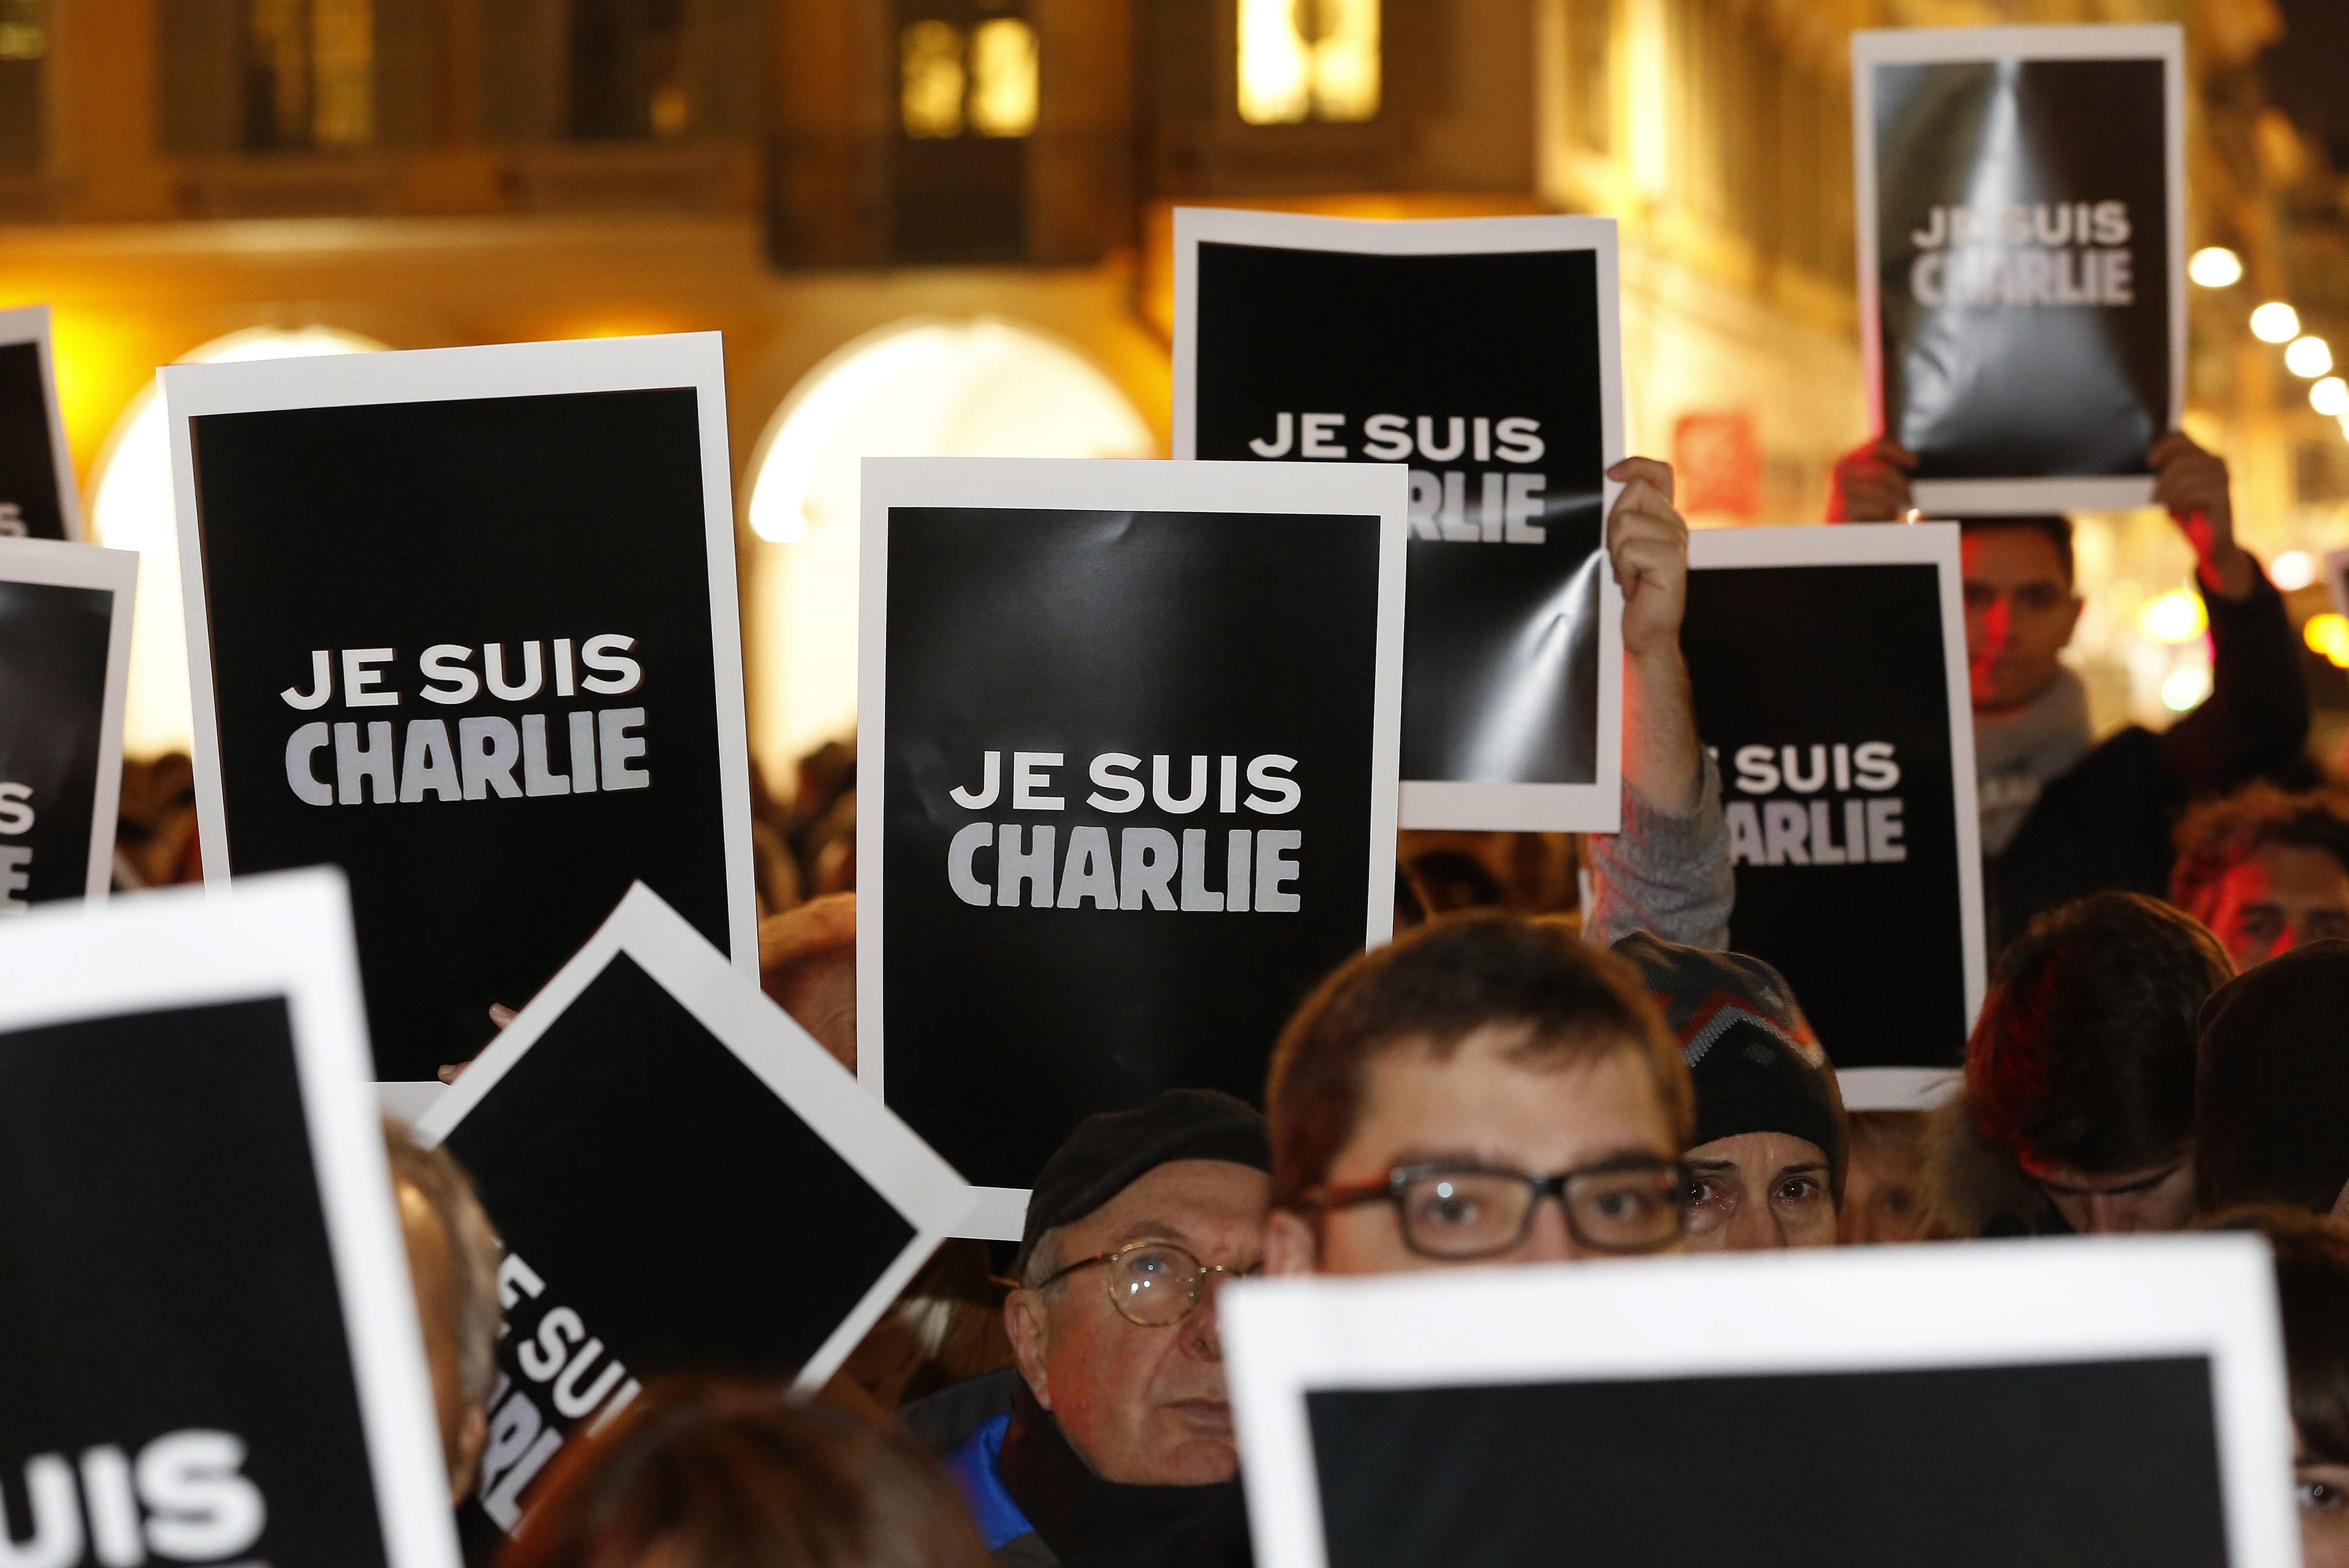 france_paris_charlie_hebdo_attack-e1420697234745